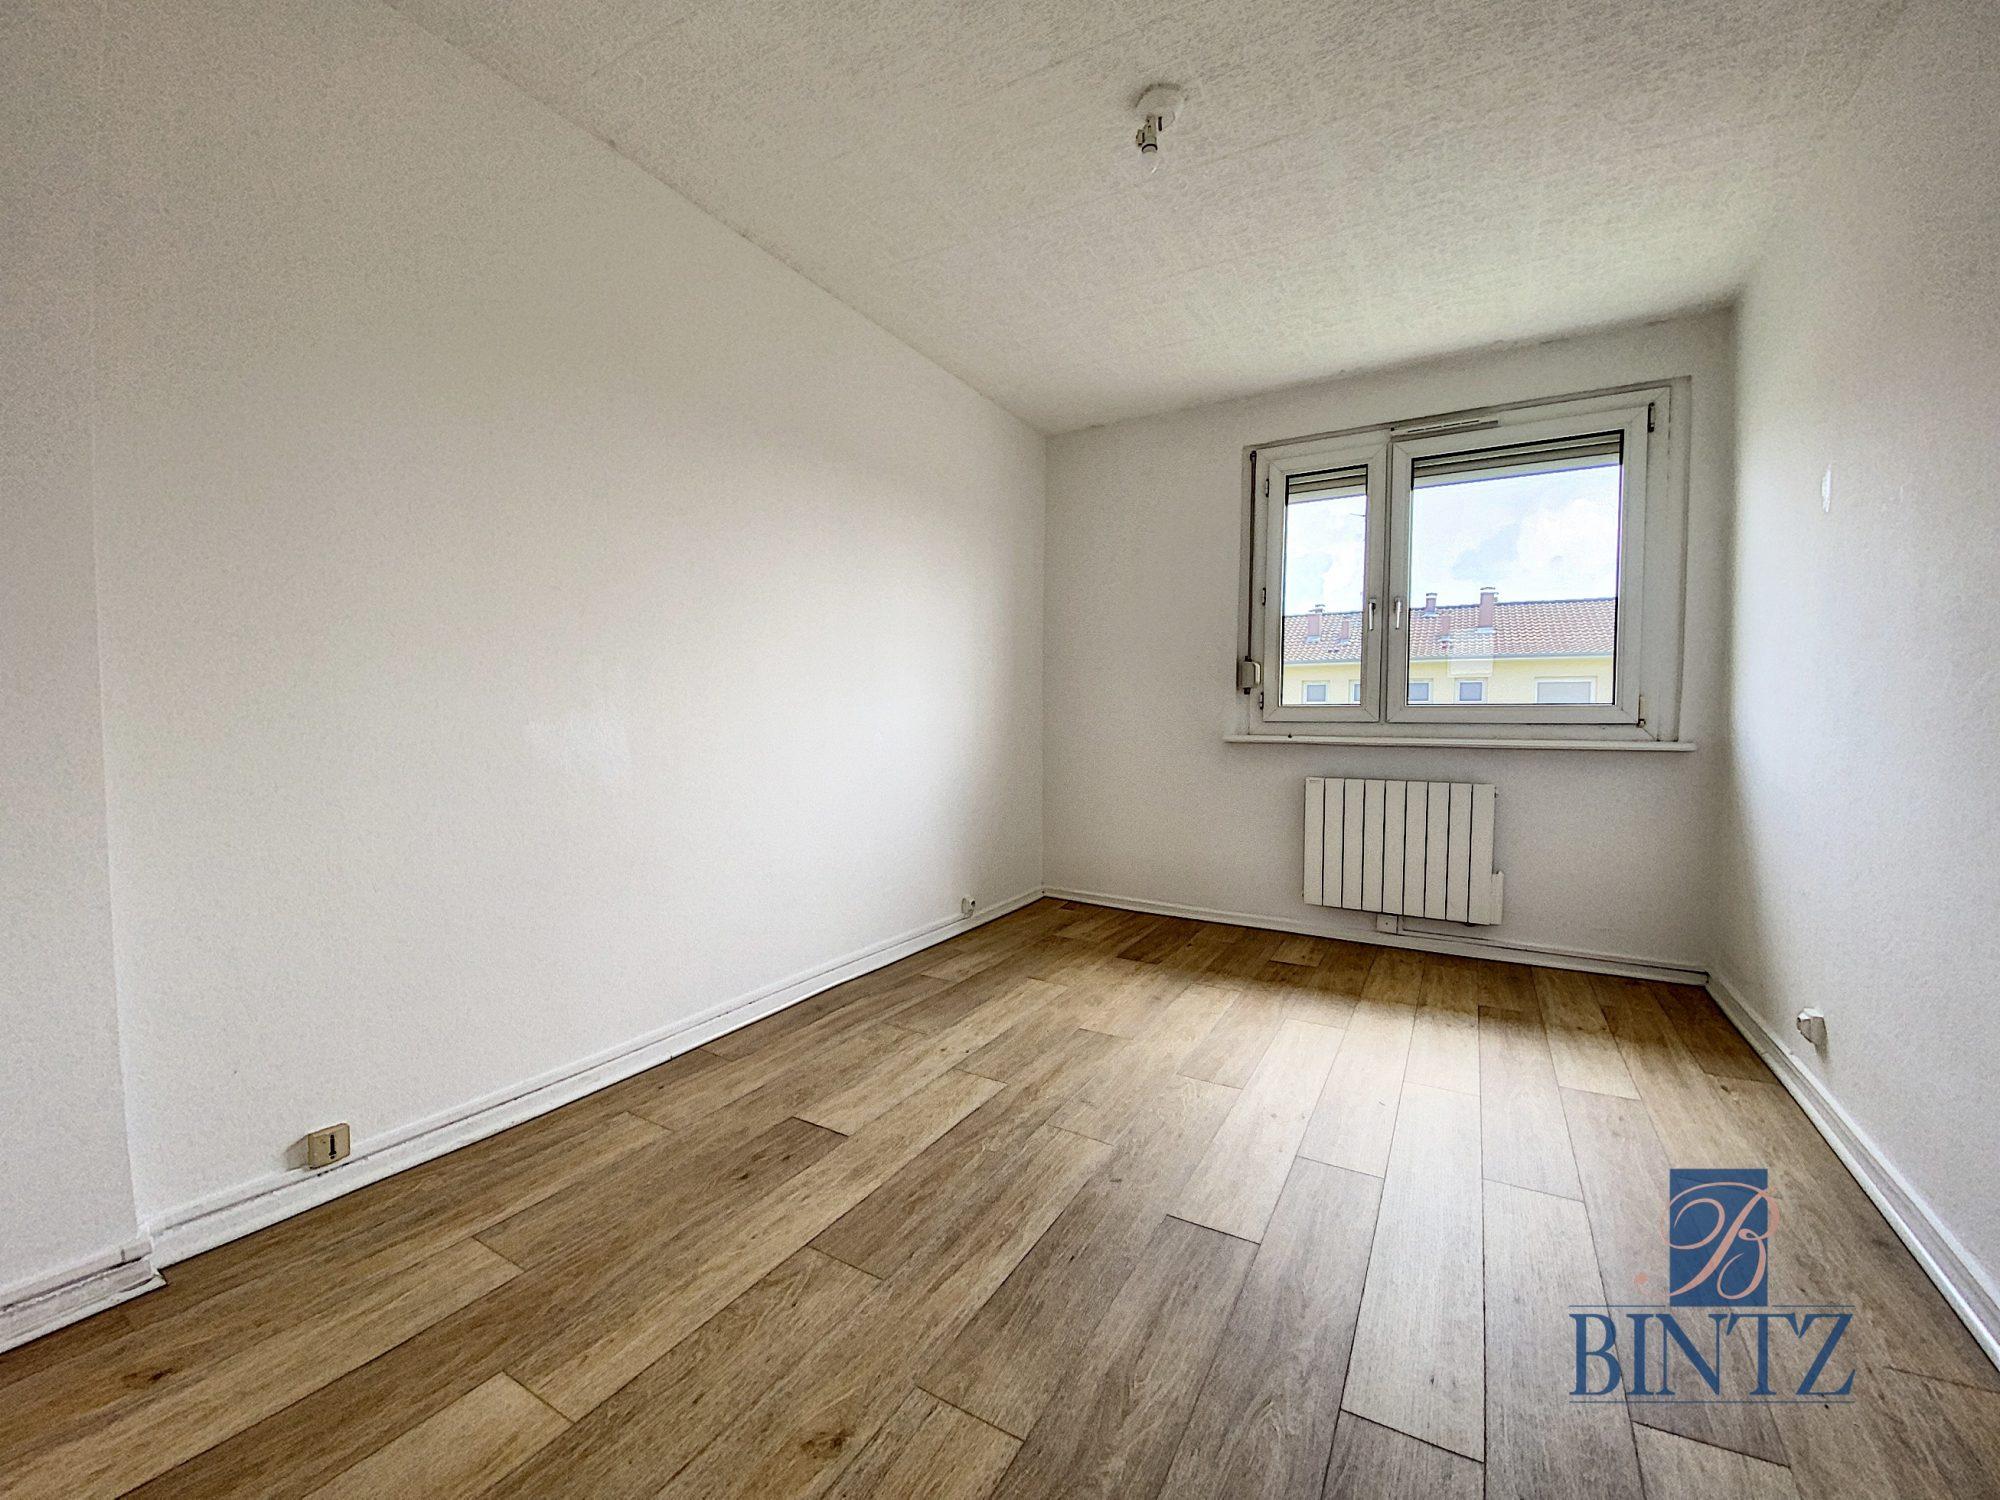 T3 avec balcon Quartier de la Musau - Devenez propriétaire en toute confiance - Bintz Immobilier - 5